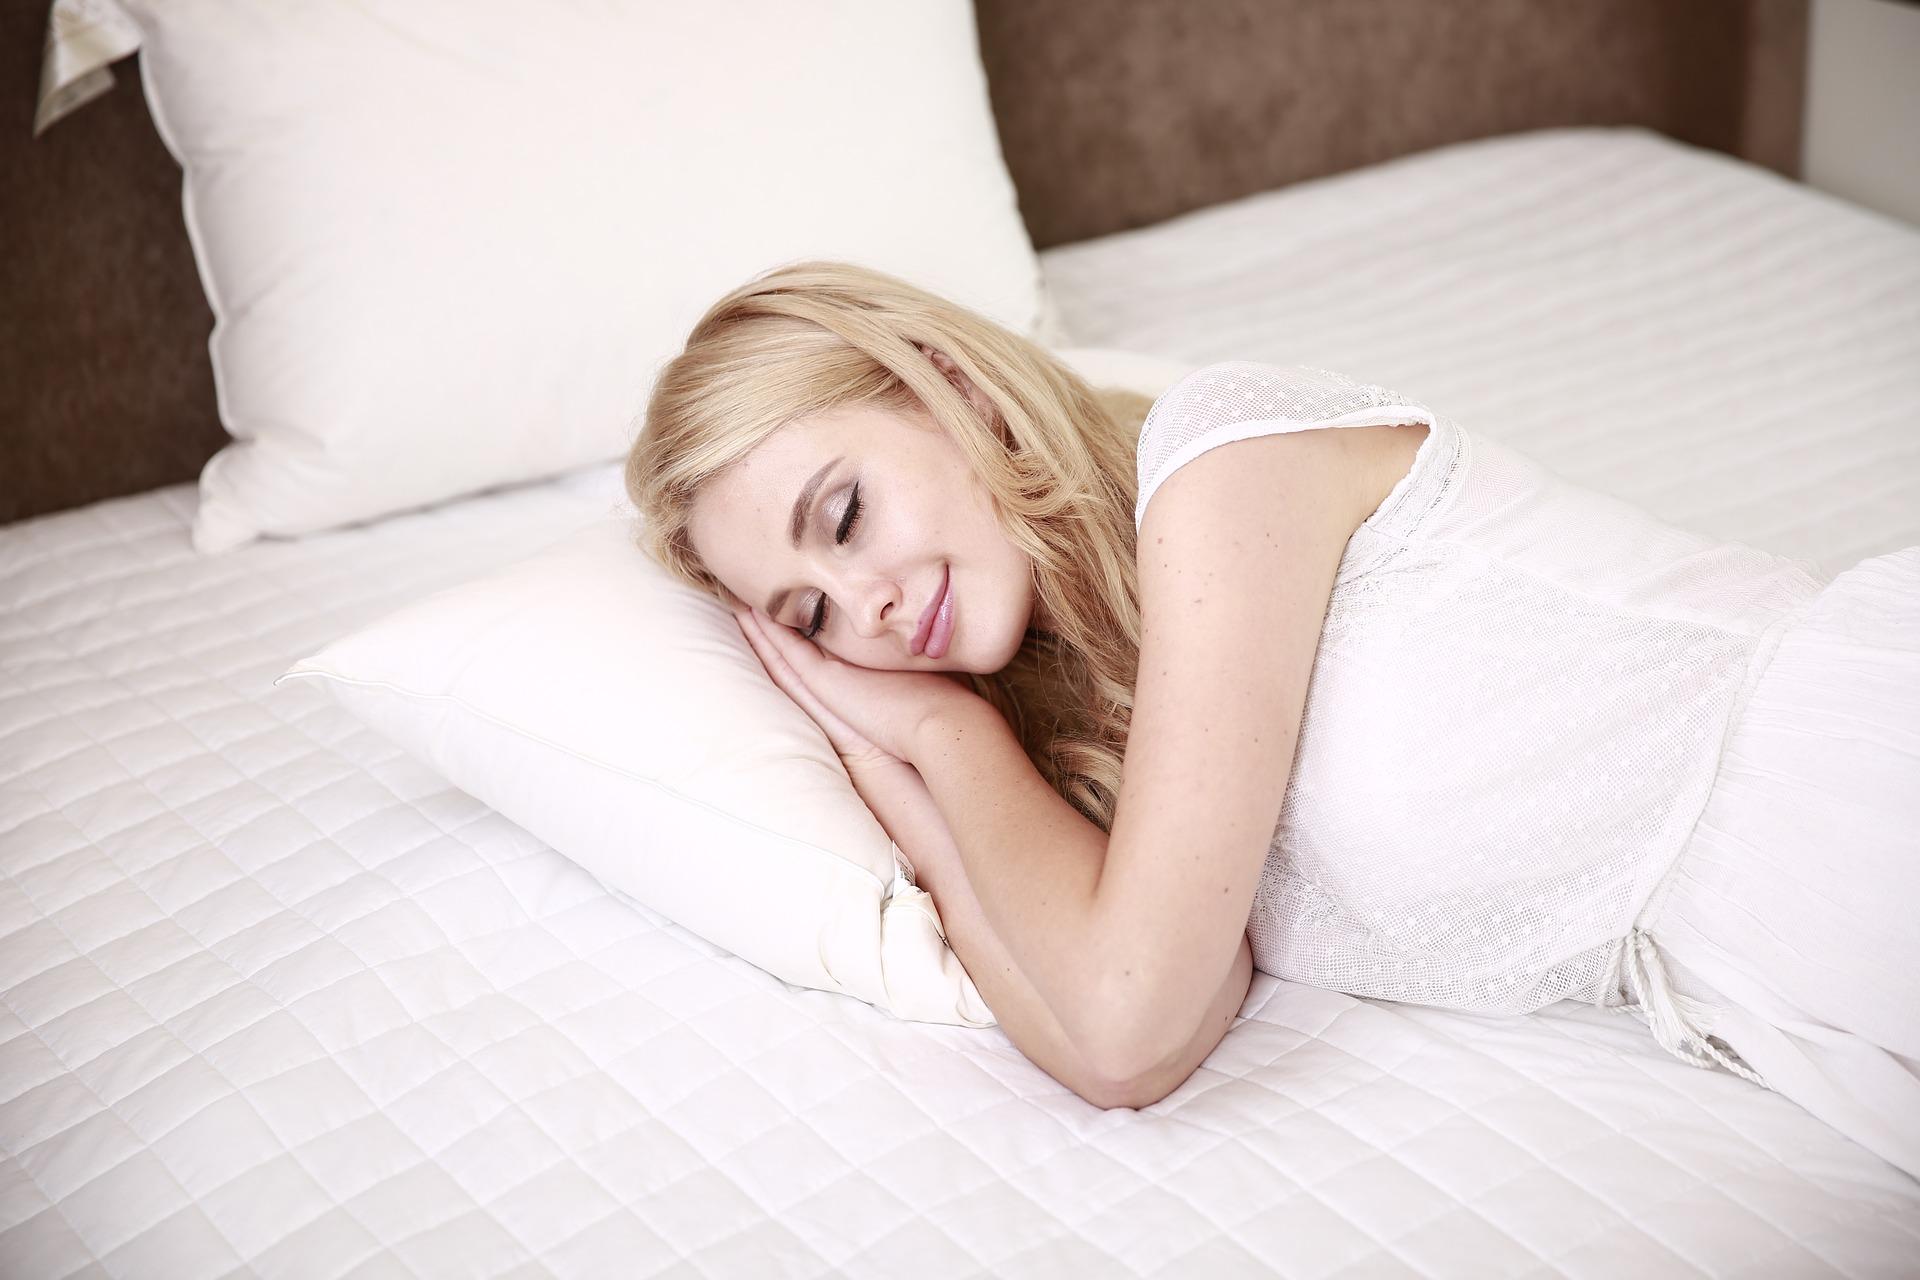 Slecht slapen is verleden tijd